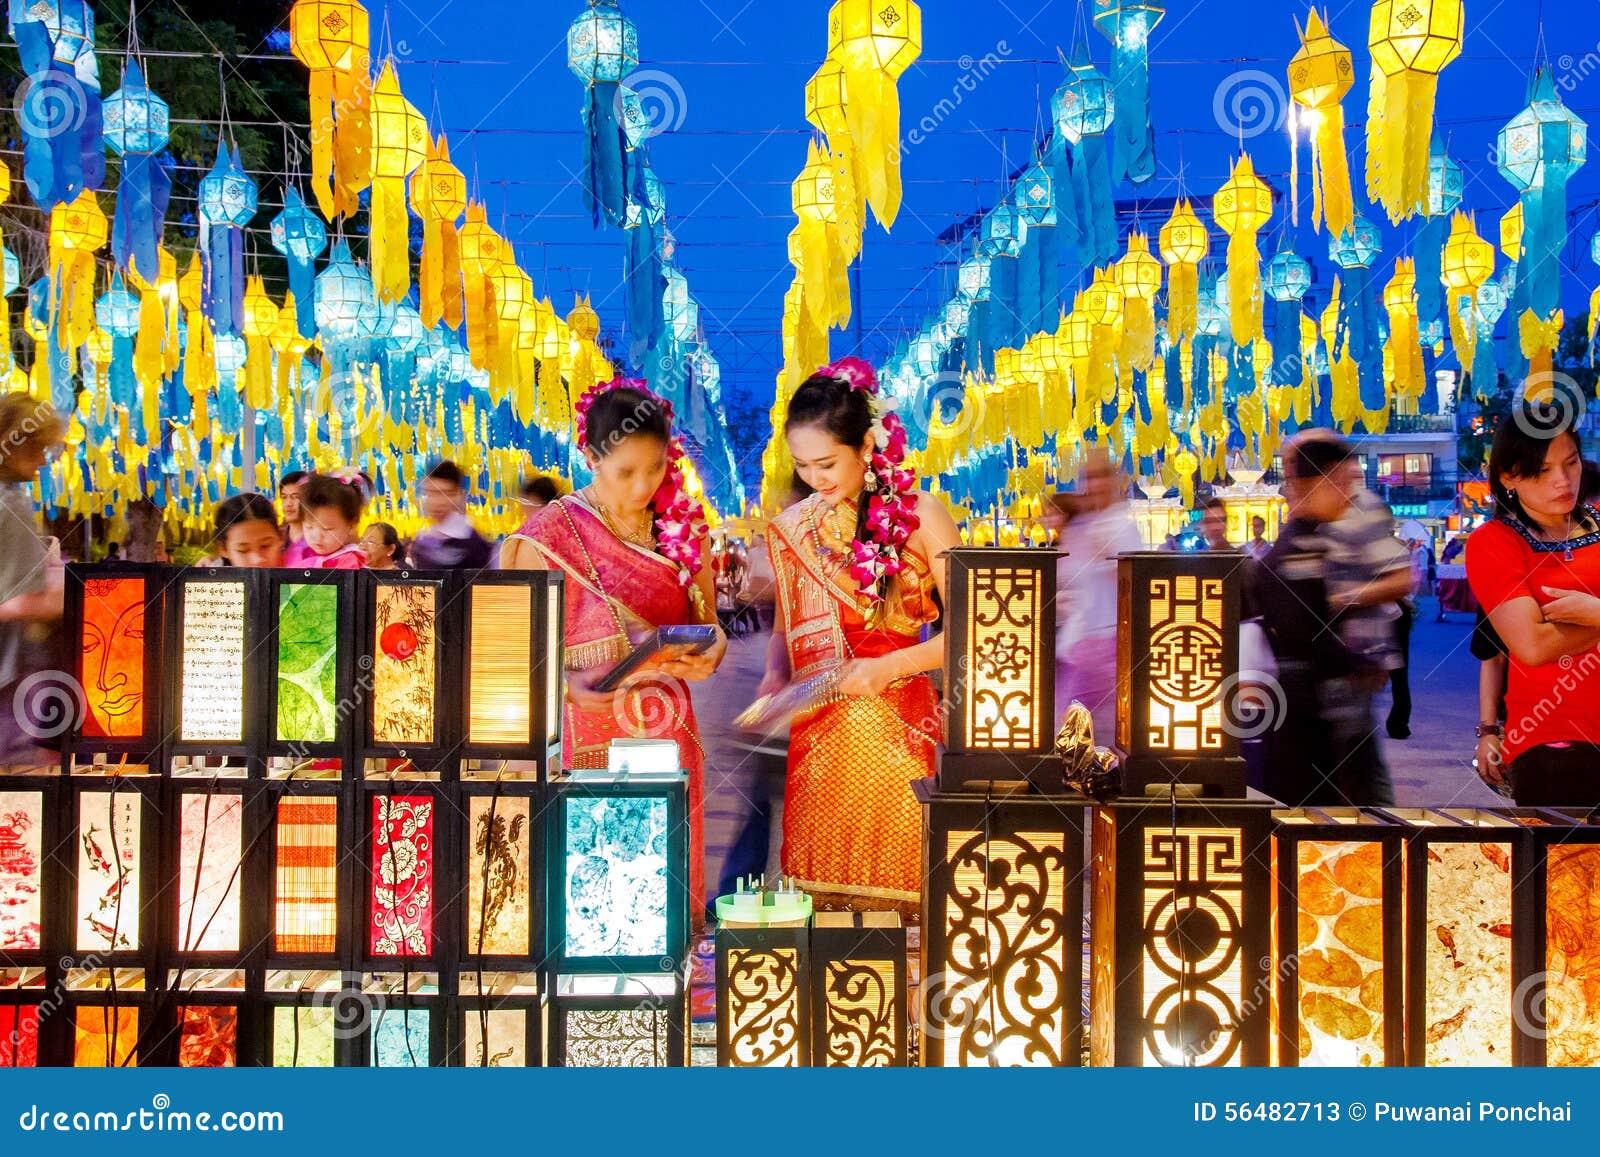 CHIANG MAI, THAÏLANDE - 12 NOVEMBRE 2008 : Deco coloré de lanternes